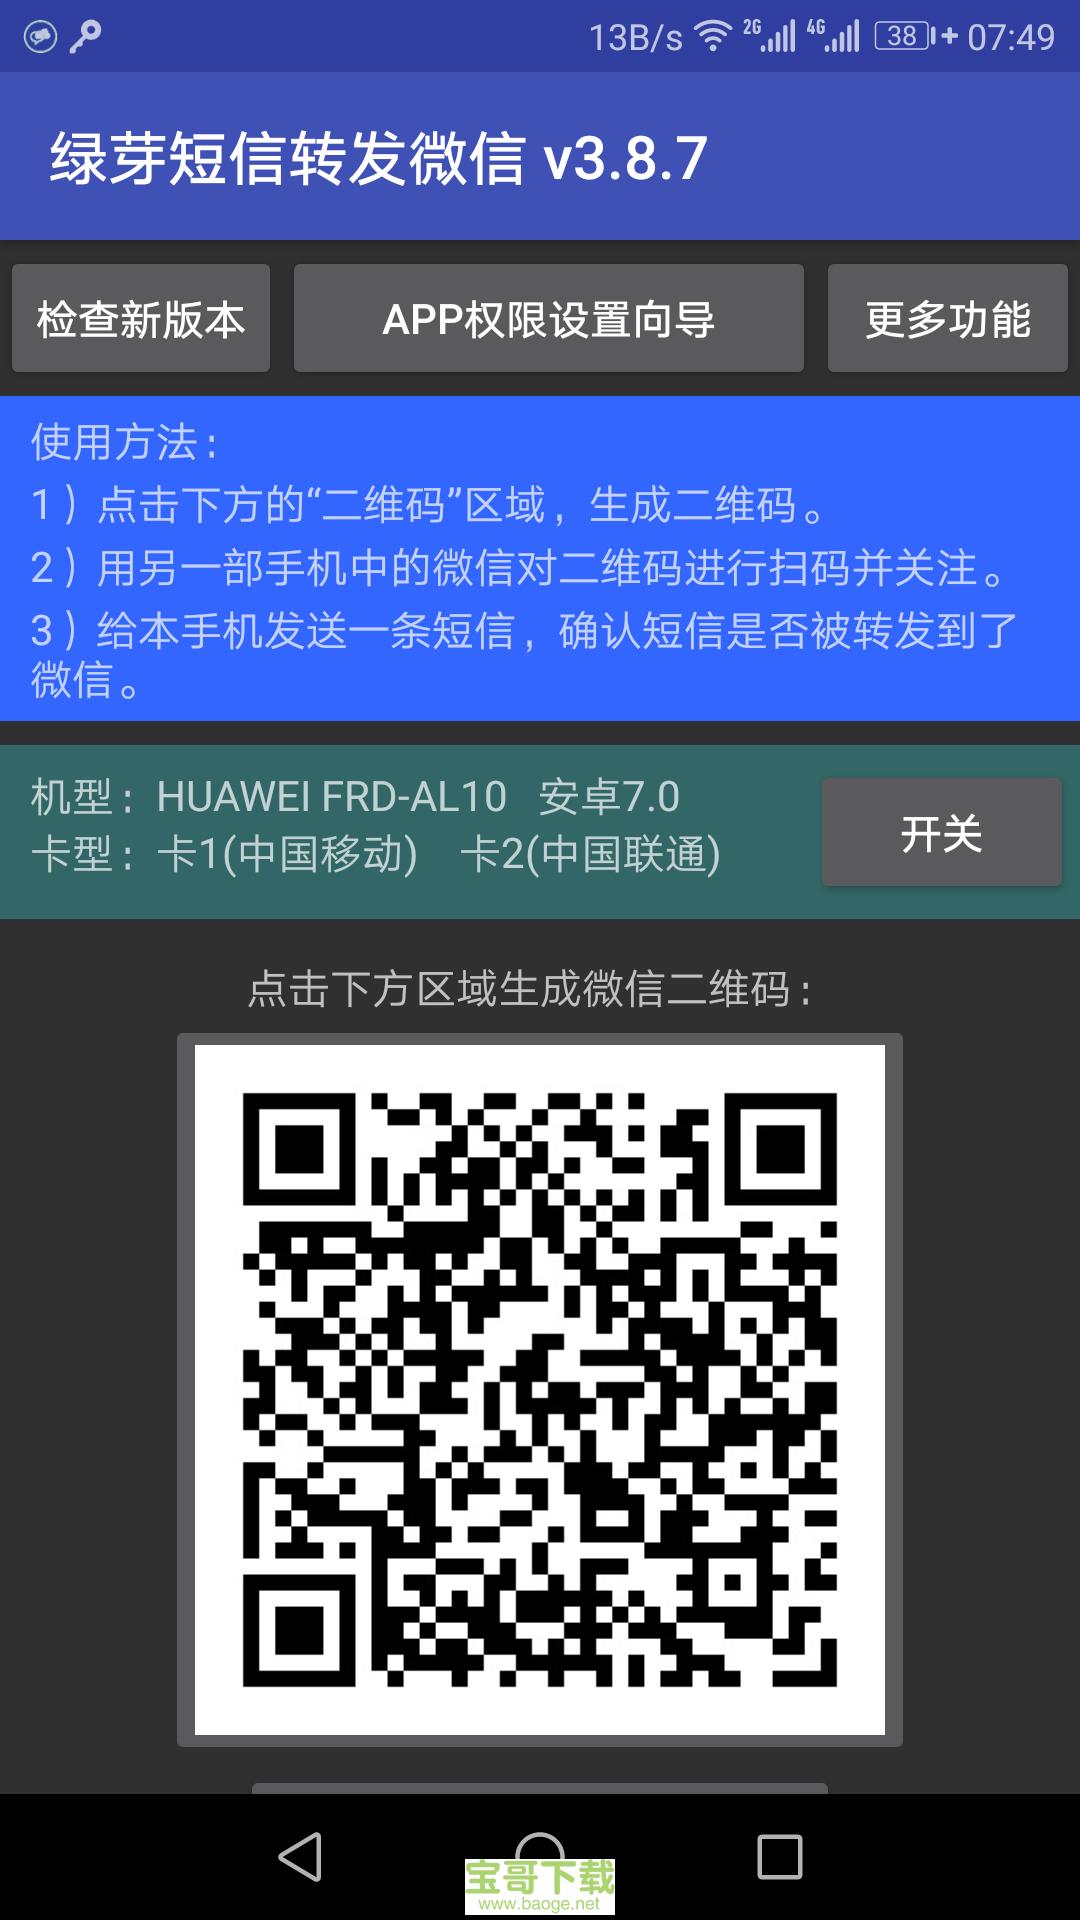 绿芽短信转发微信安卓版 v4.6.5 最新版